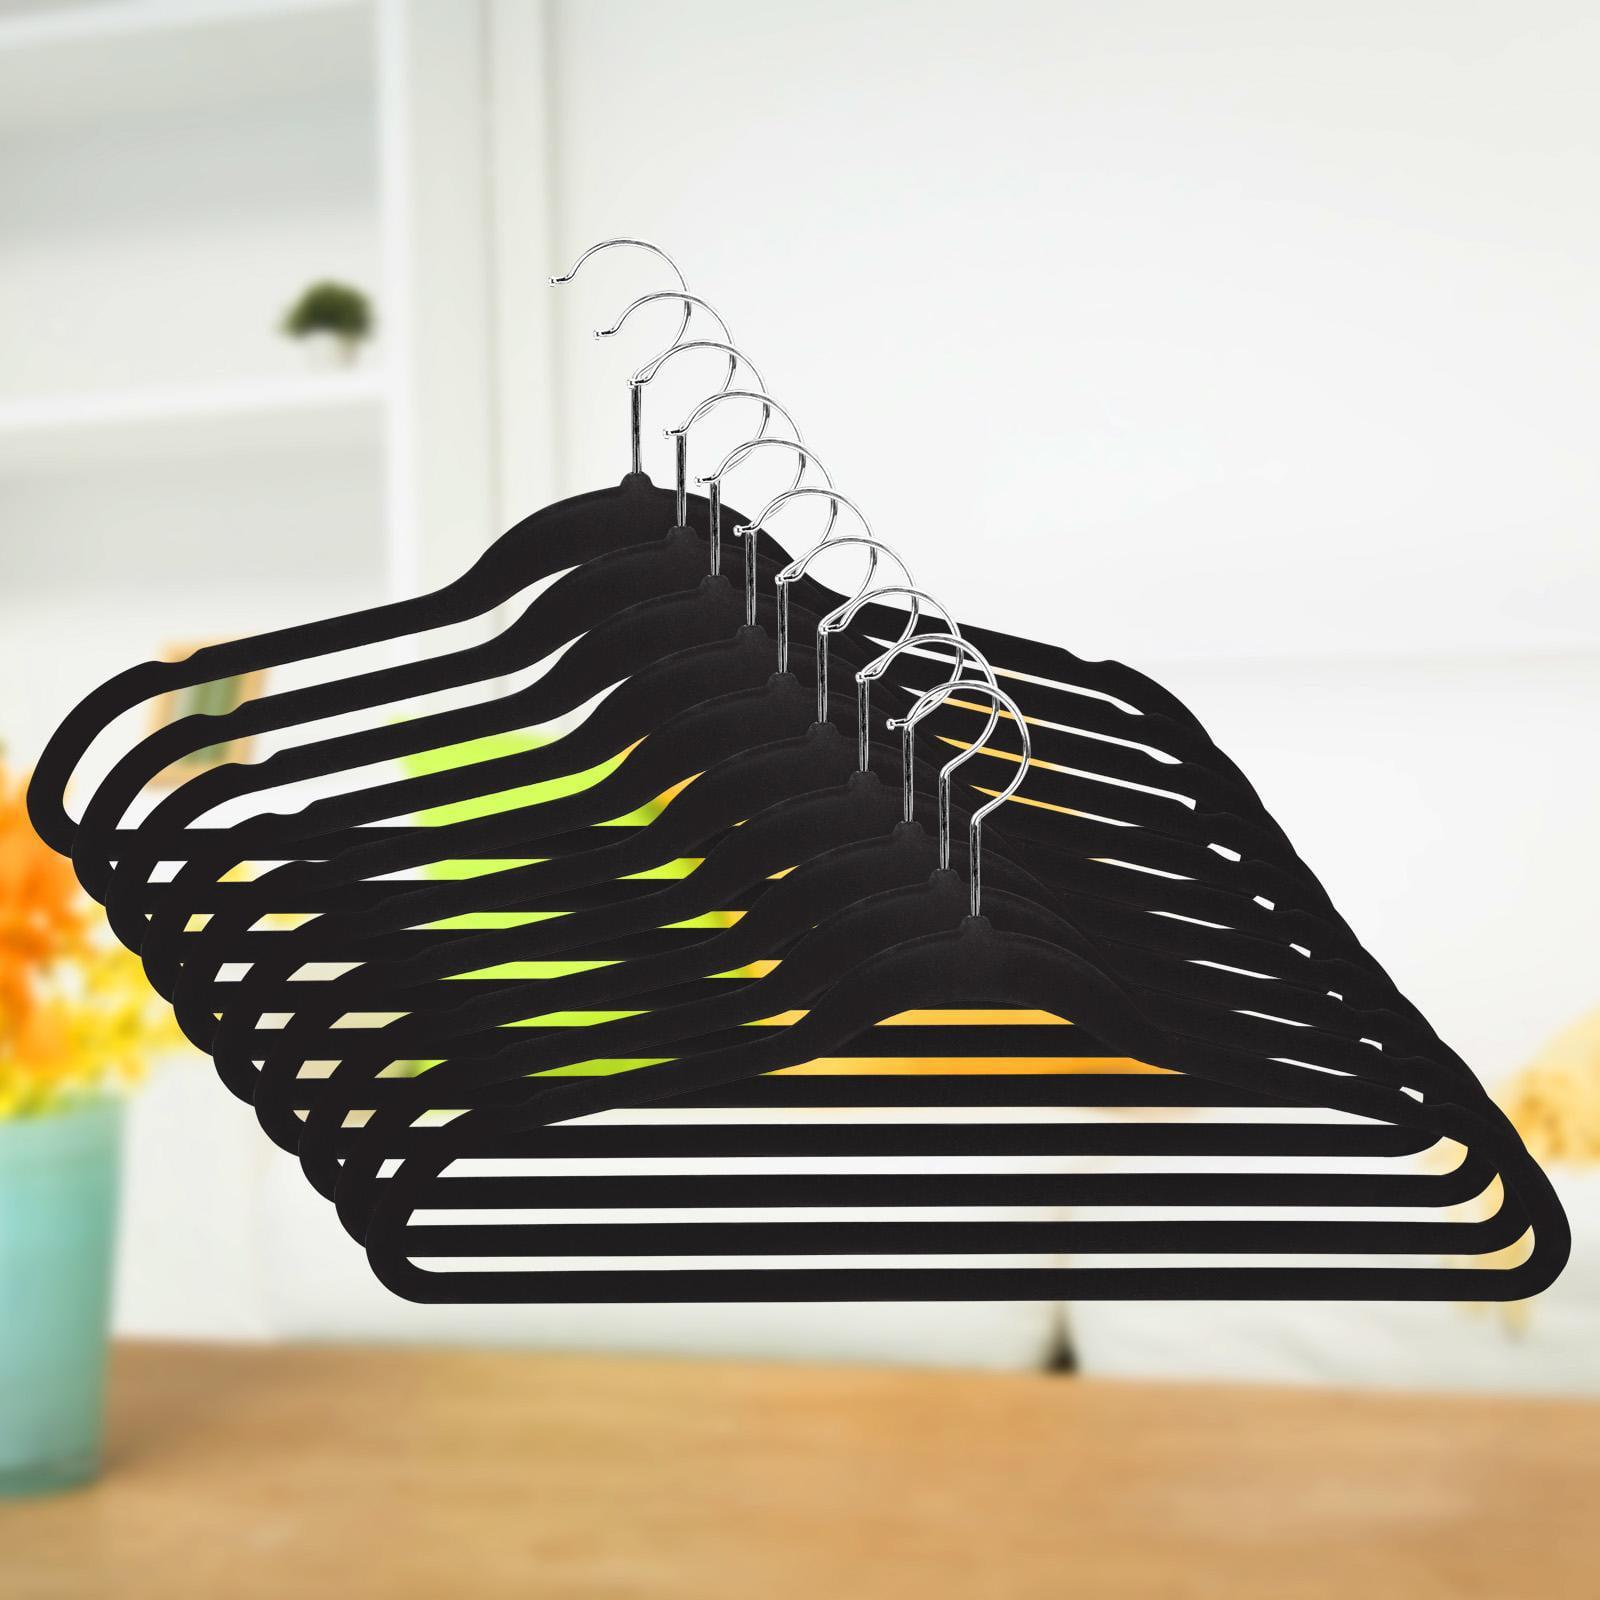 50 PCS Space Saving Clothes Hangers Non-slip Coat Hanger Soft Touch Hangers Set  BYE